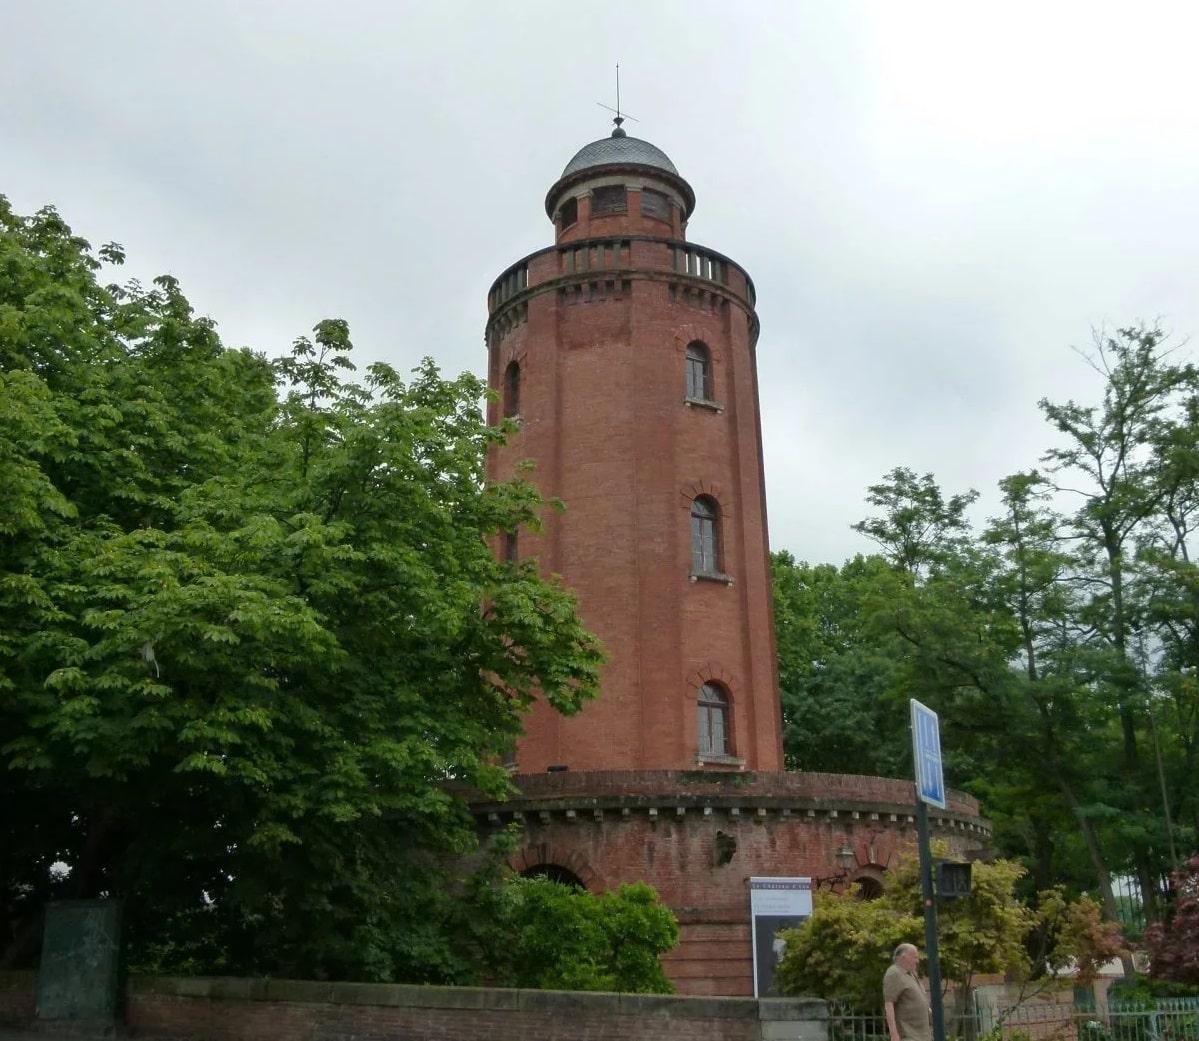 Château d'eau Toulouse